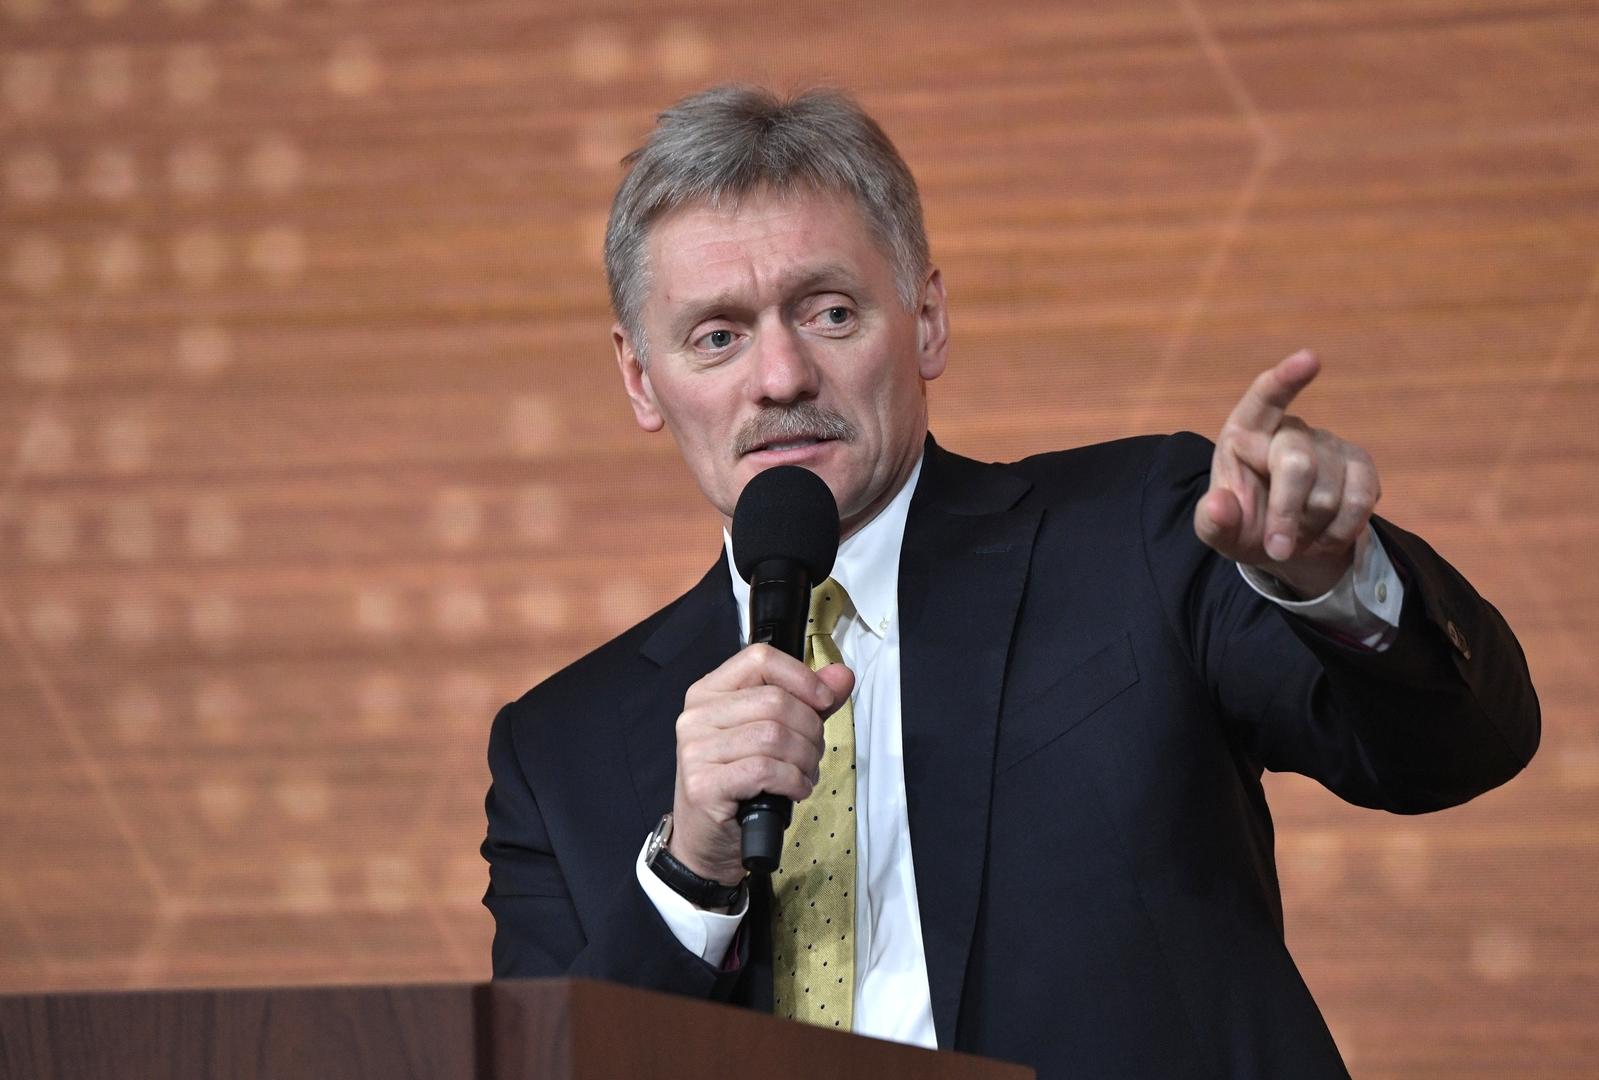 الكرملين يعلق على رفع السفارة الأمريكية في روسيا علم